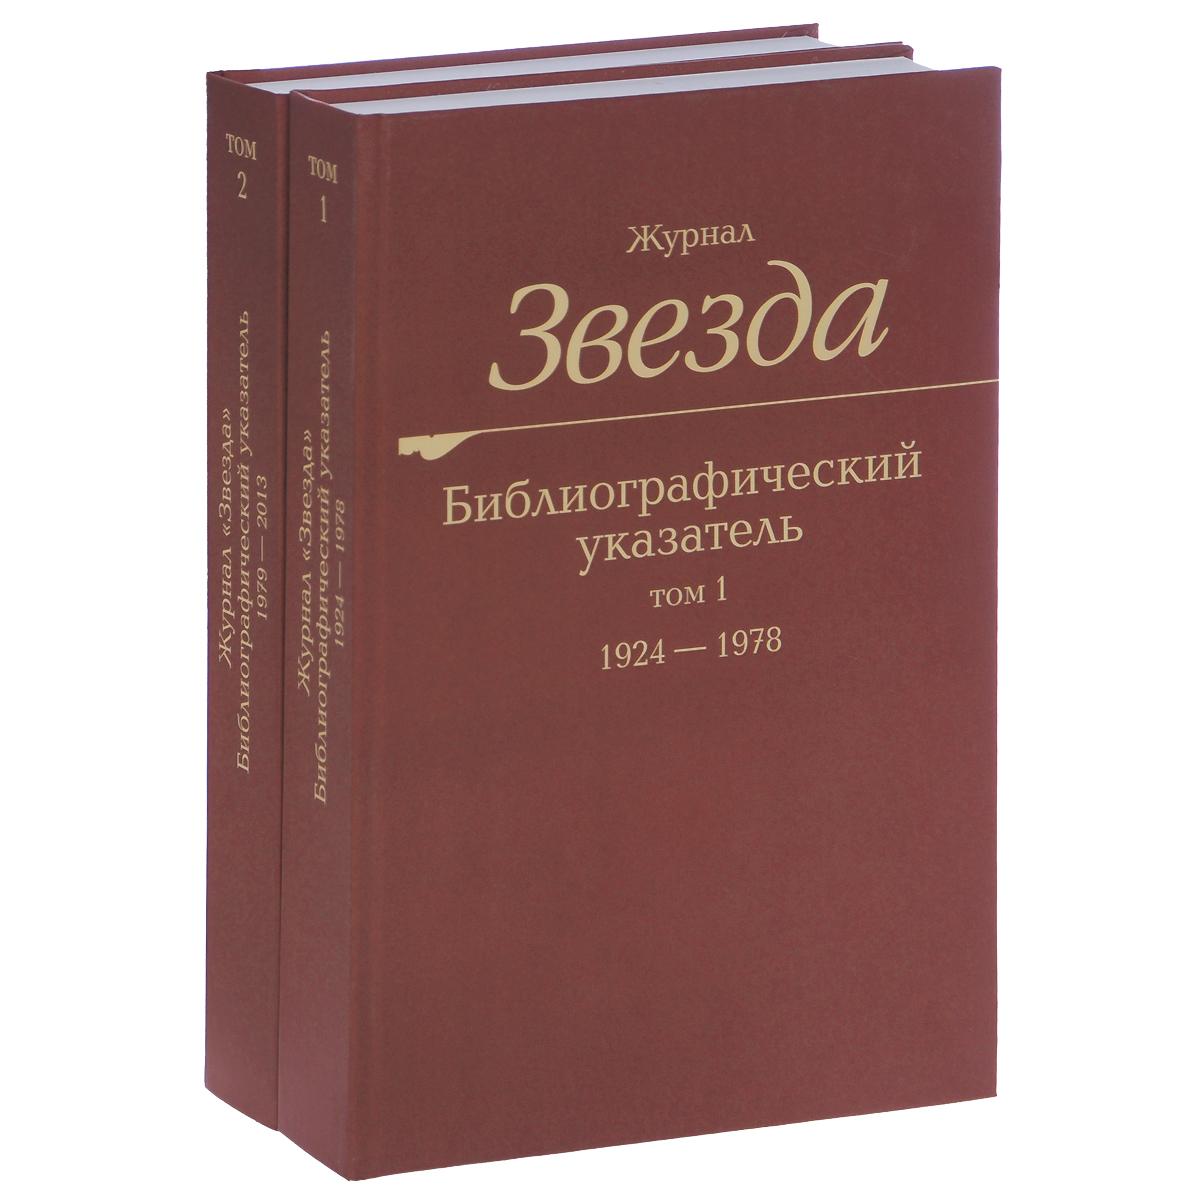 Журнал Звезда. Библиографический указатель. В 2 томах (комплект из 2 книг)